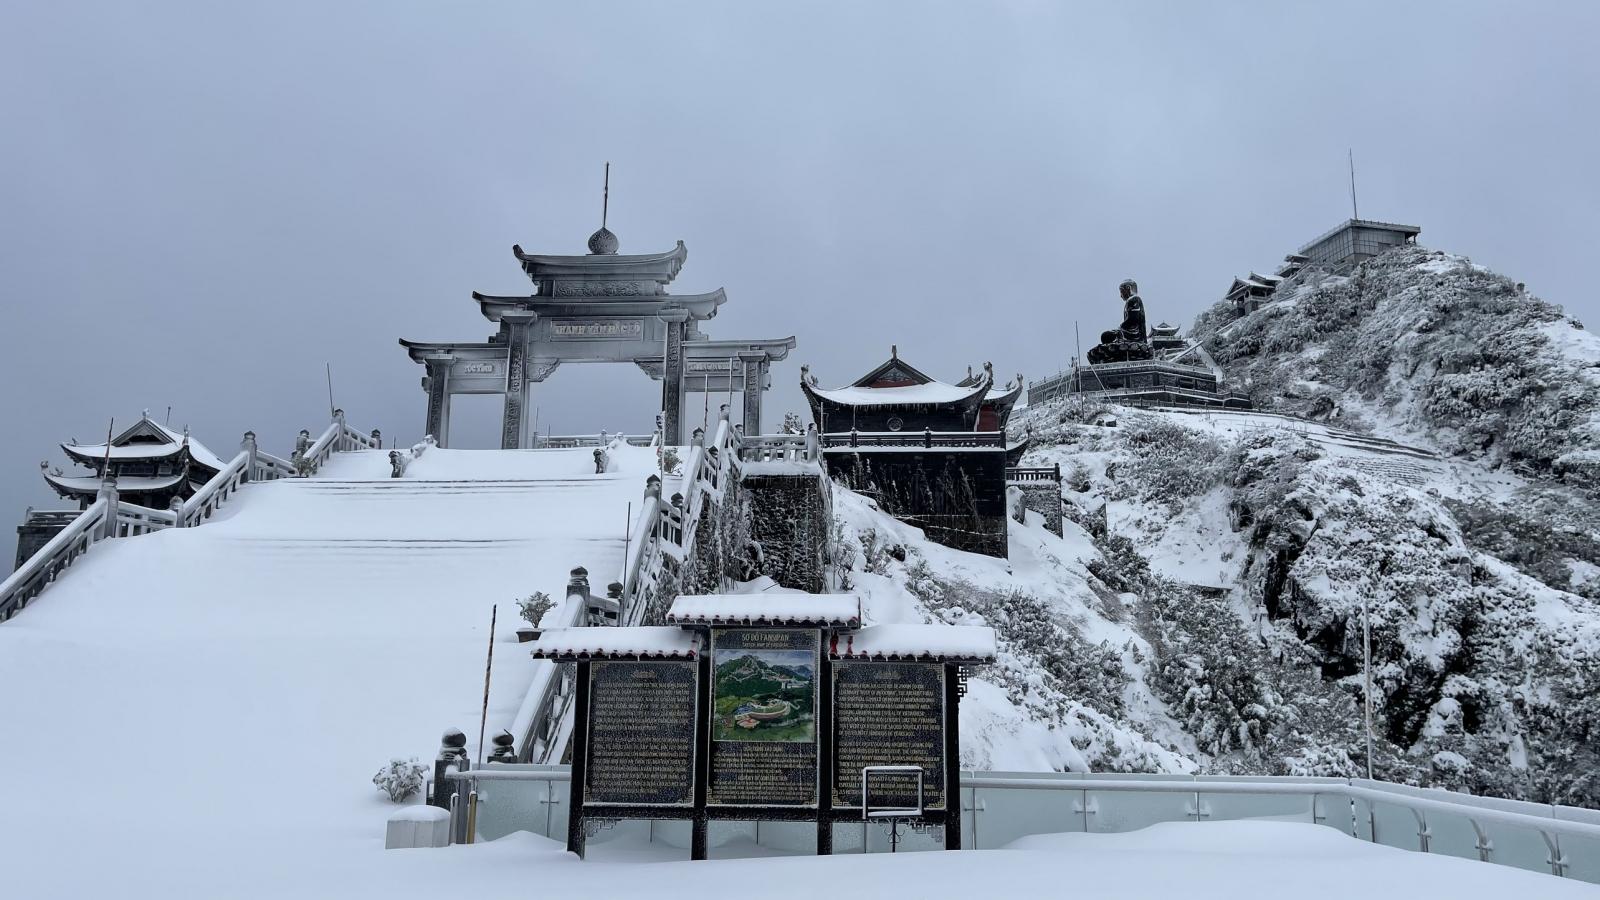 Nhiệt độ xuống -3 độ C, tuyết tiếp tục phủ trắng đỉnh Fansipan